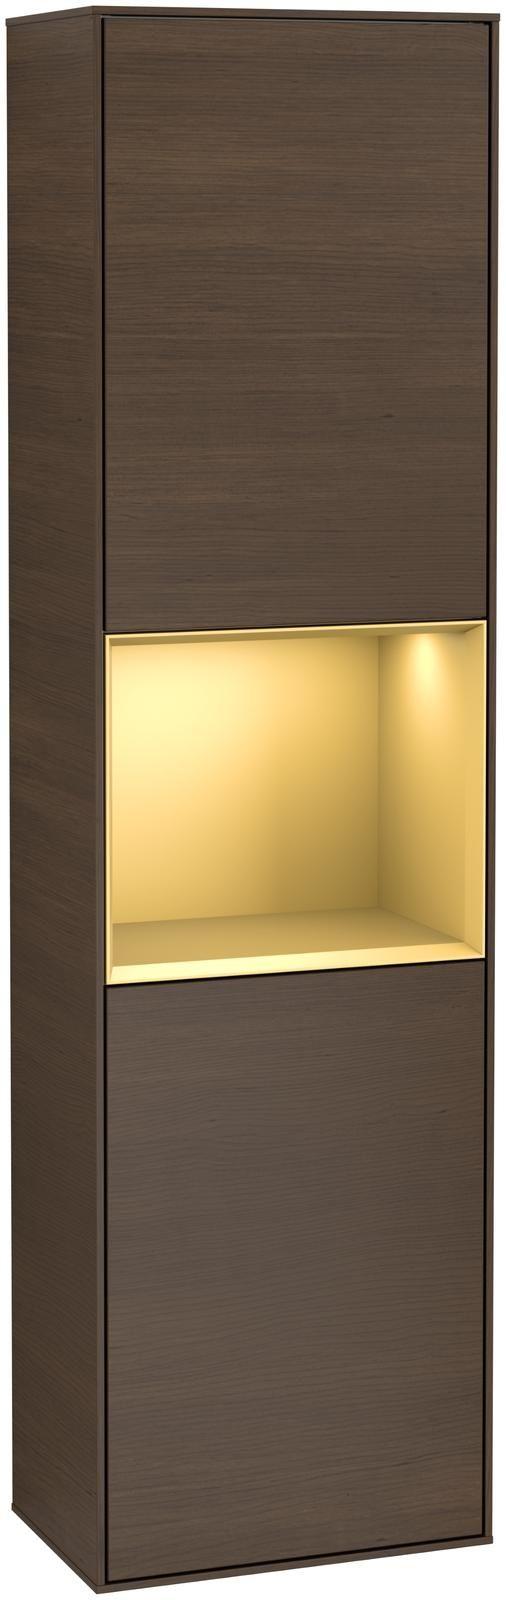 Villeroy & Boch Finion F46 Hochschrank mit Regalelement 2 Türen Anschlag links LED-Beleuchtung B:41,8xH:151,6xT:27cm Front, Korpus: Walnut Veneer, Regal: Gold Matt F460HFGN